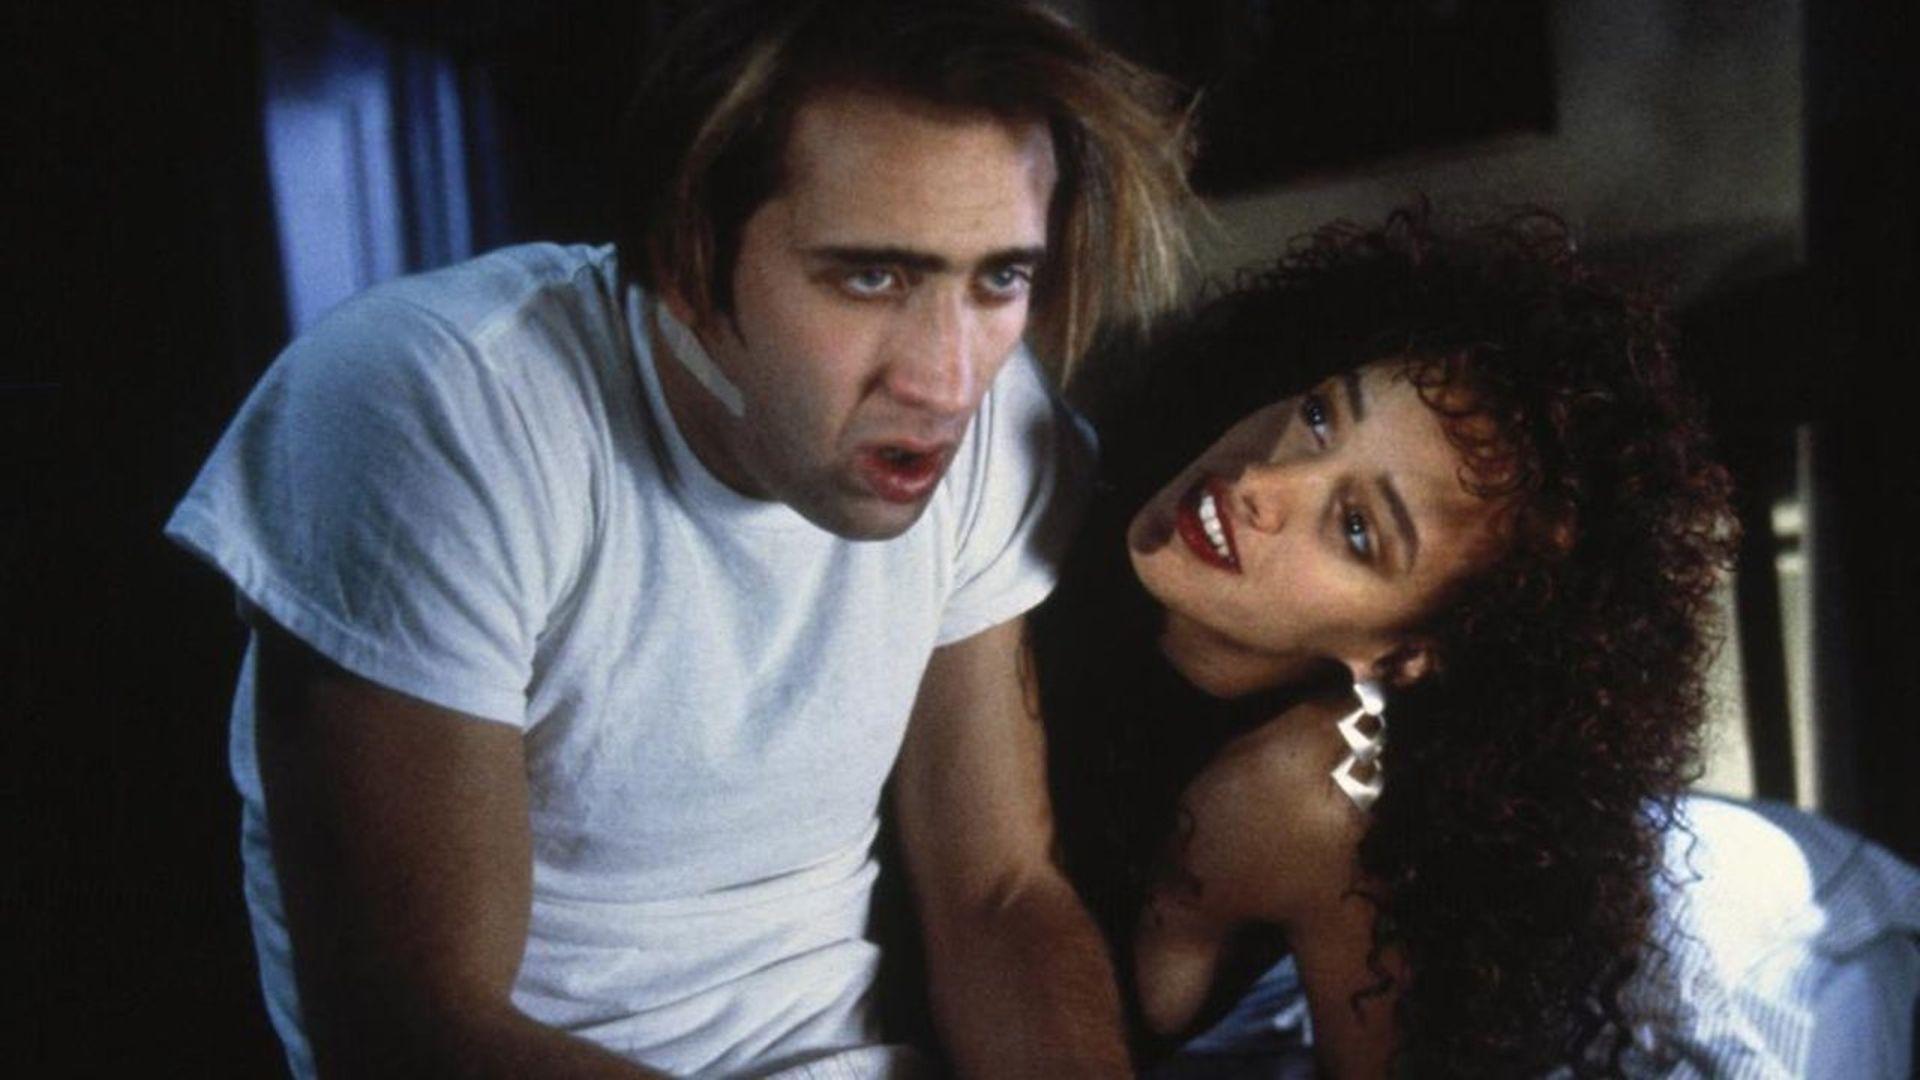 Summer of '89: Vampire's Kiss